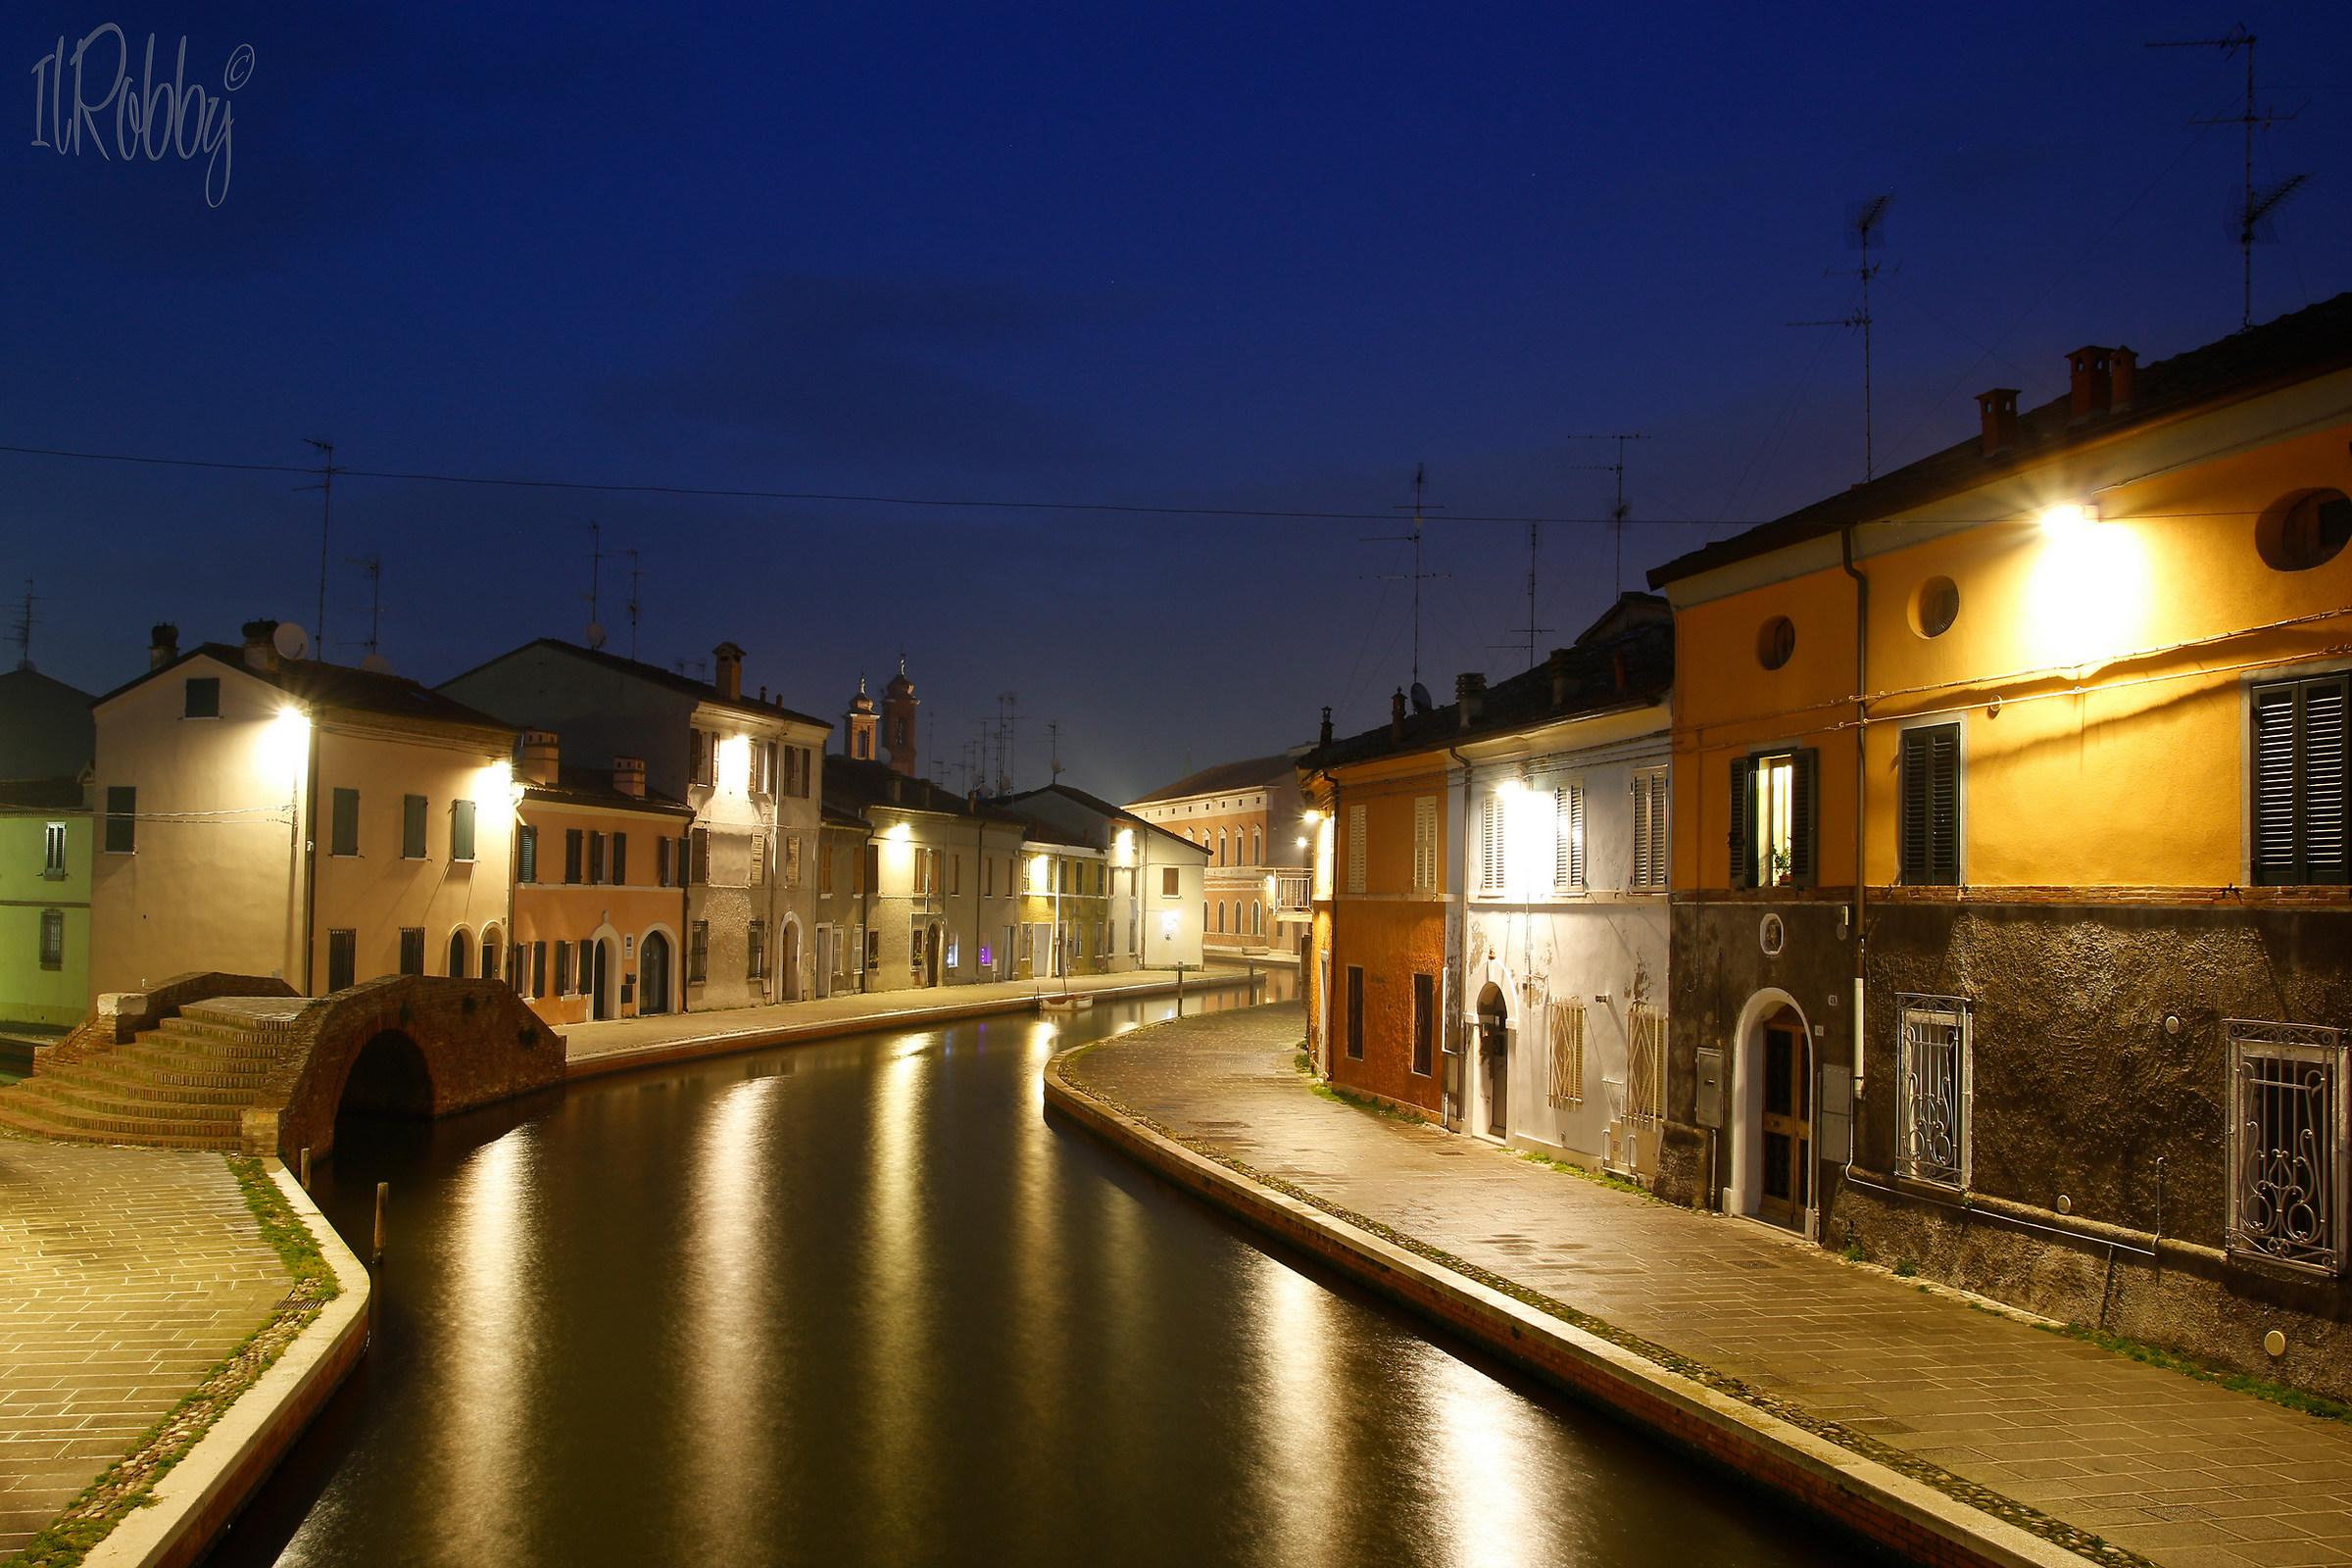 Blue hour in Comacchio...